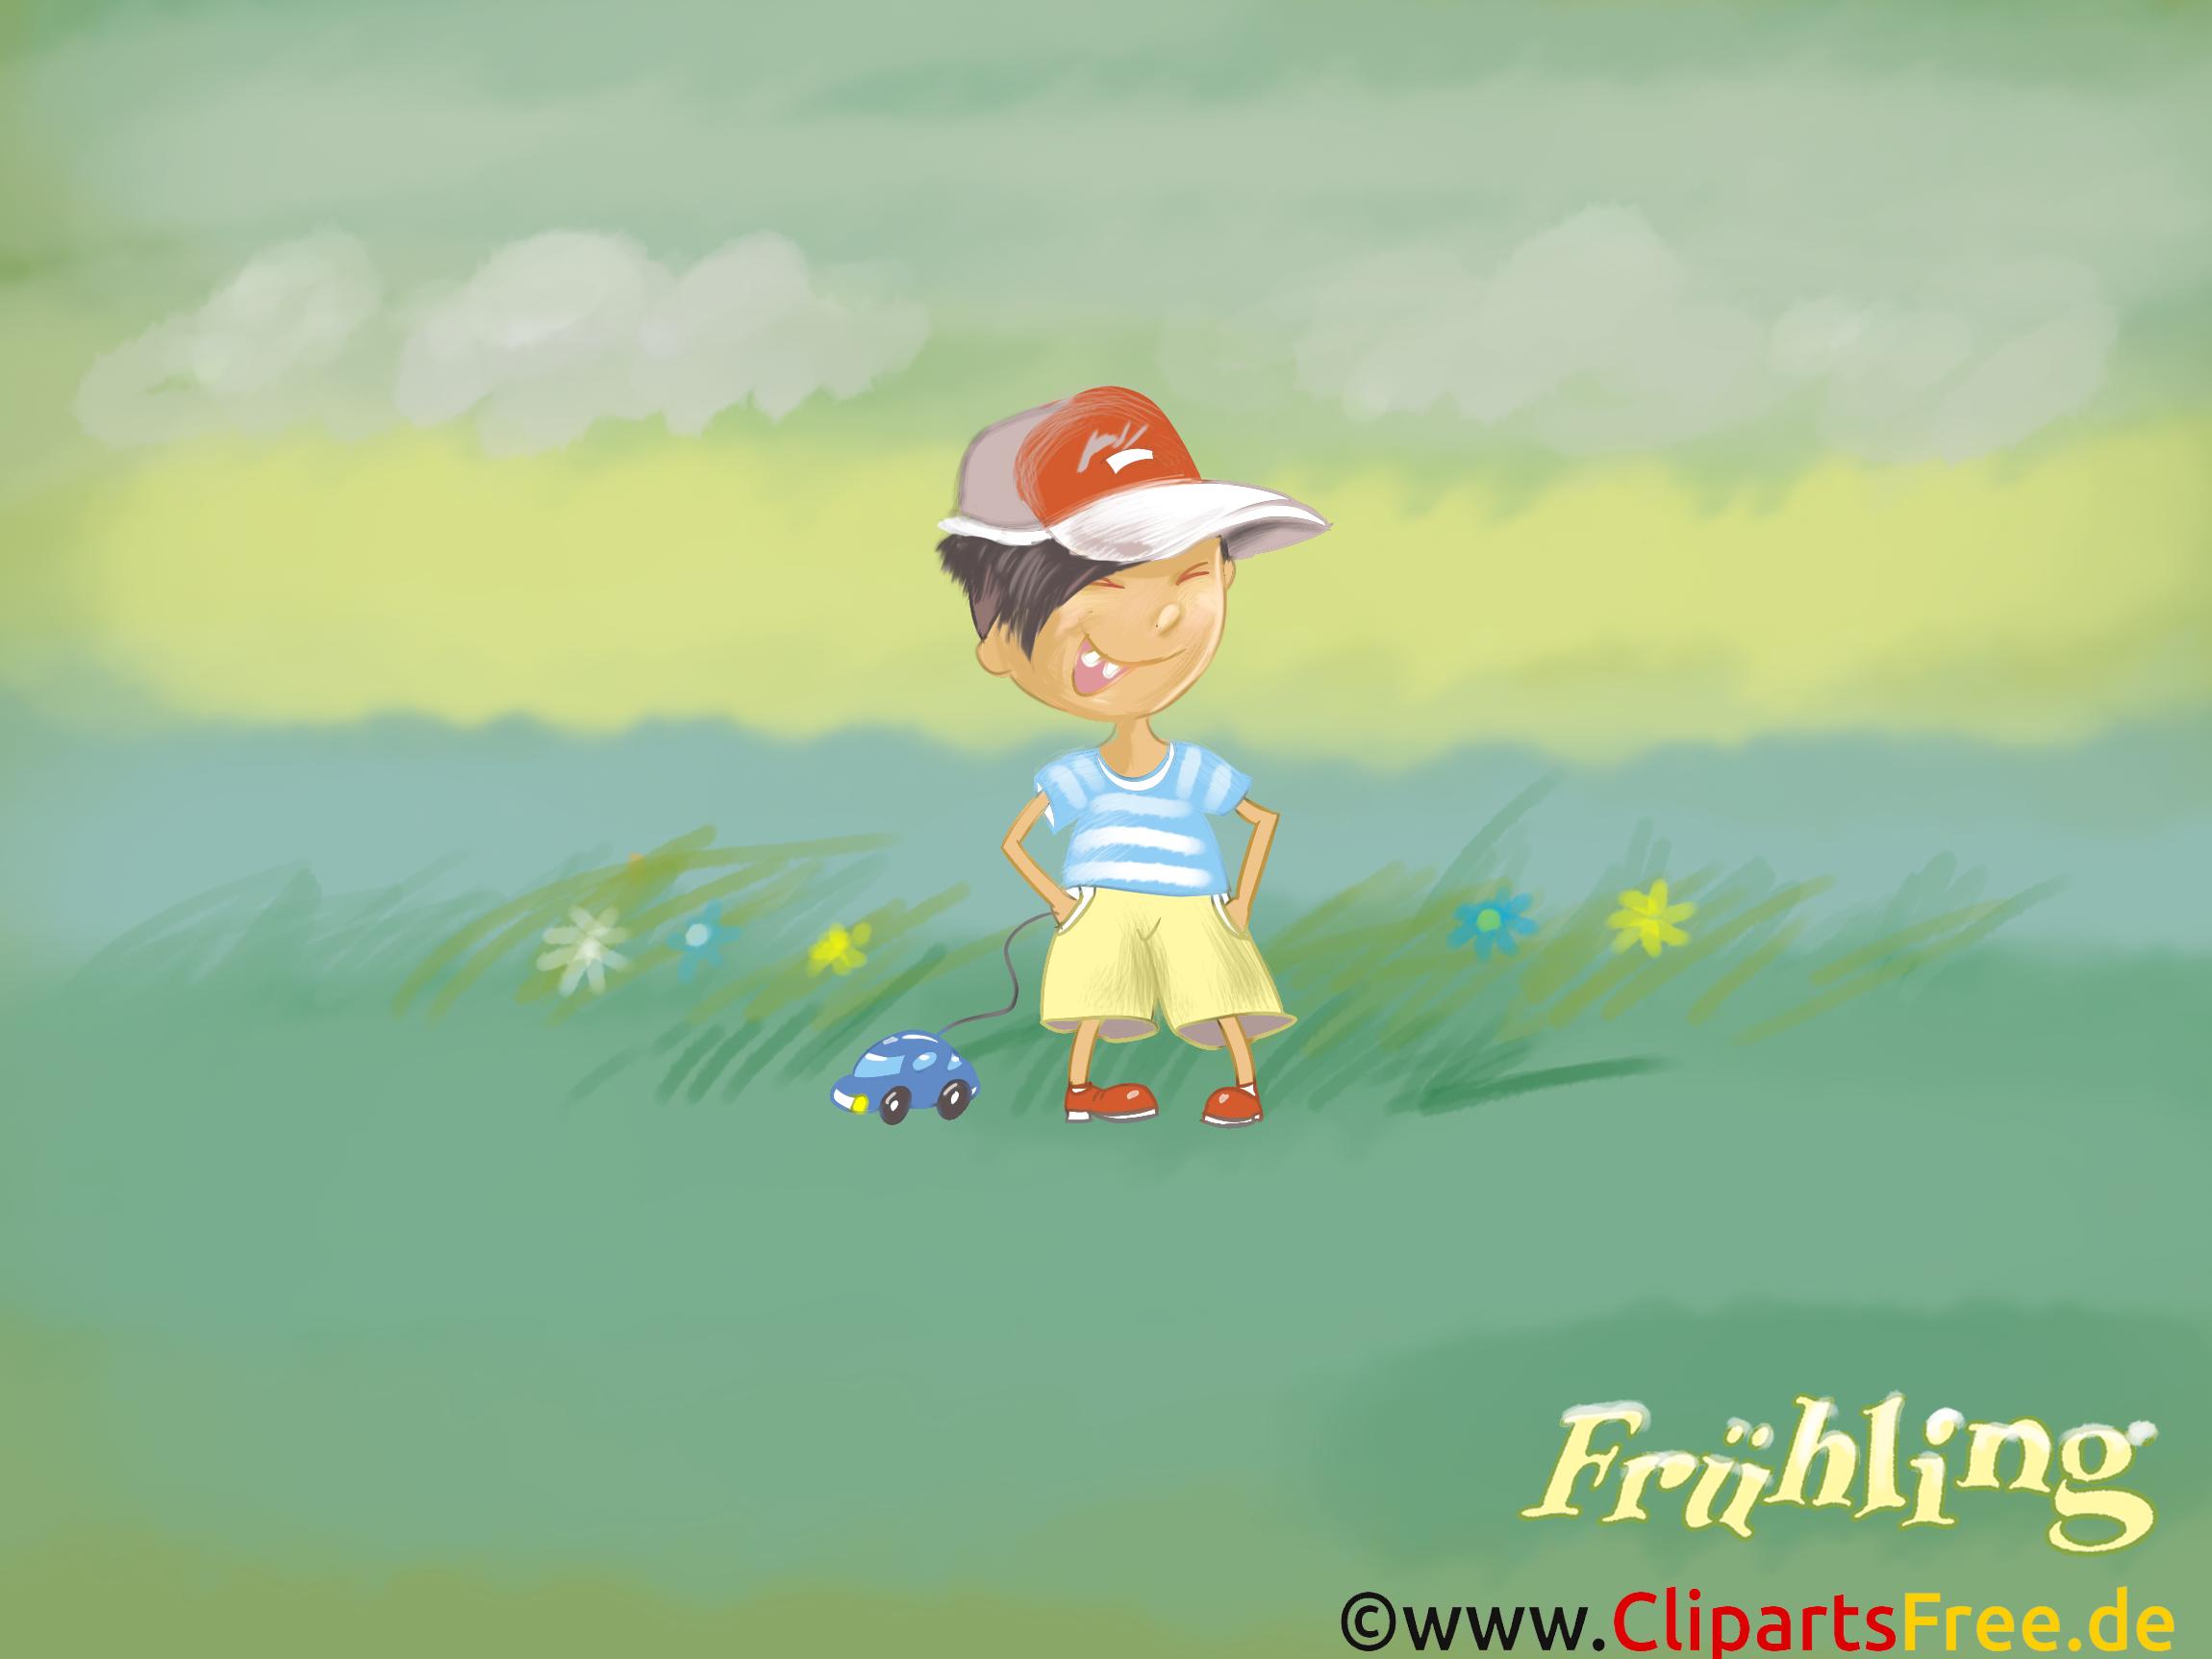 Hintergrundbild Frühling - Kleiner Junge auf der grünen Wiese